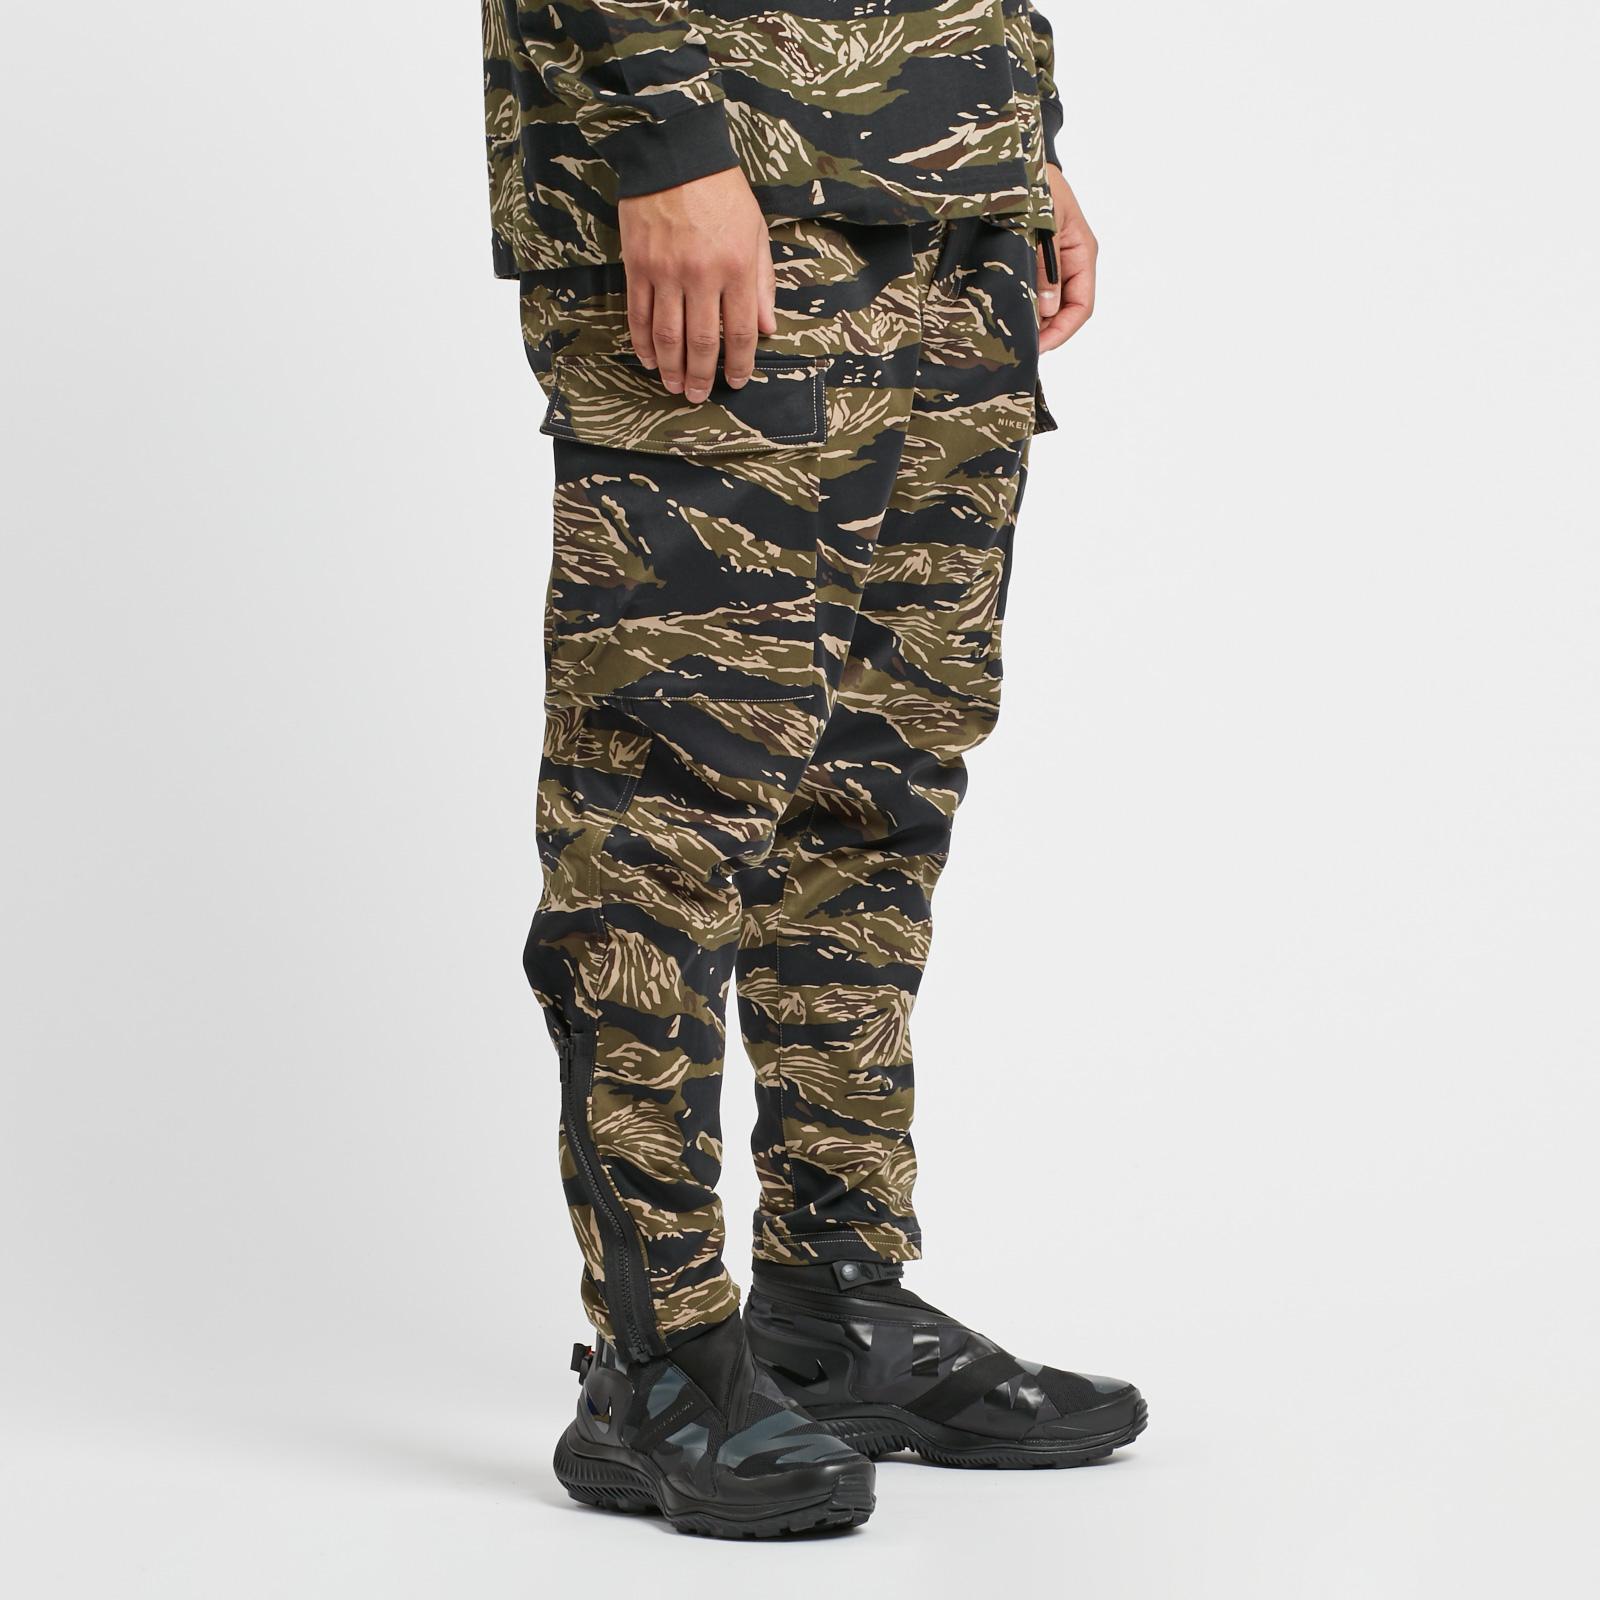 Nike Tiger Camo Pant Aop - 916431-235